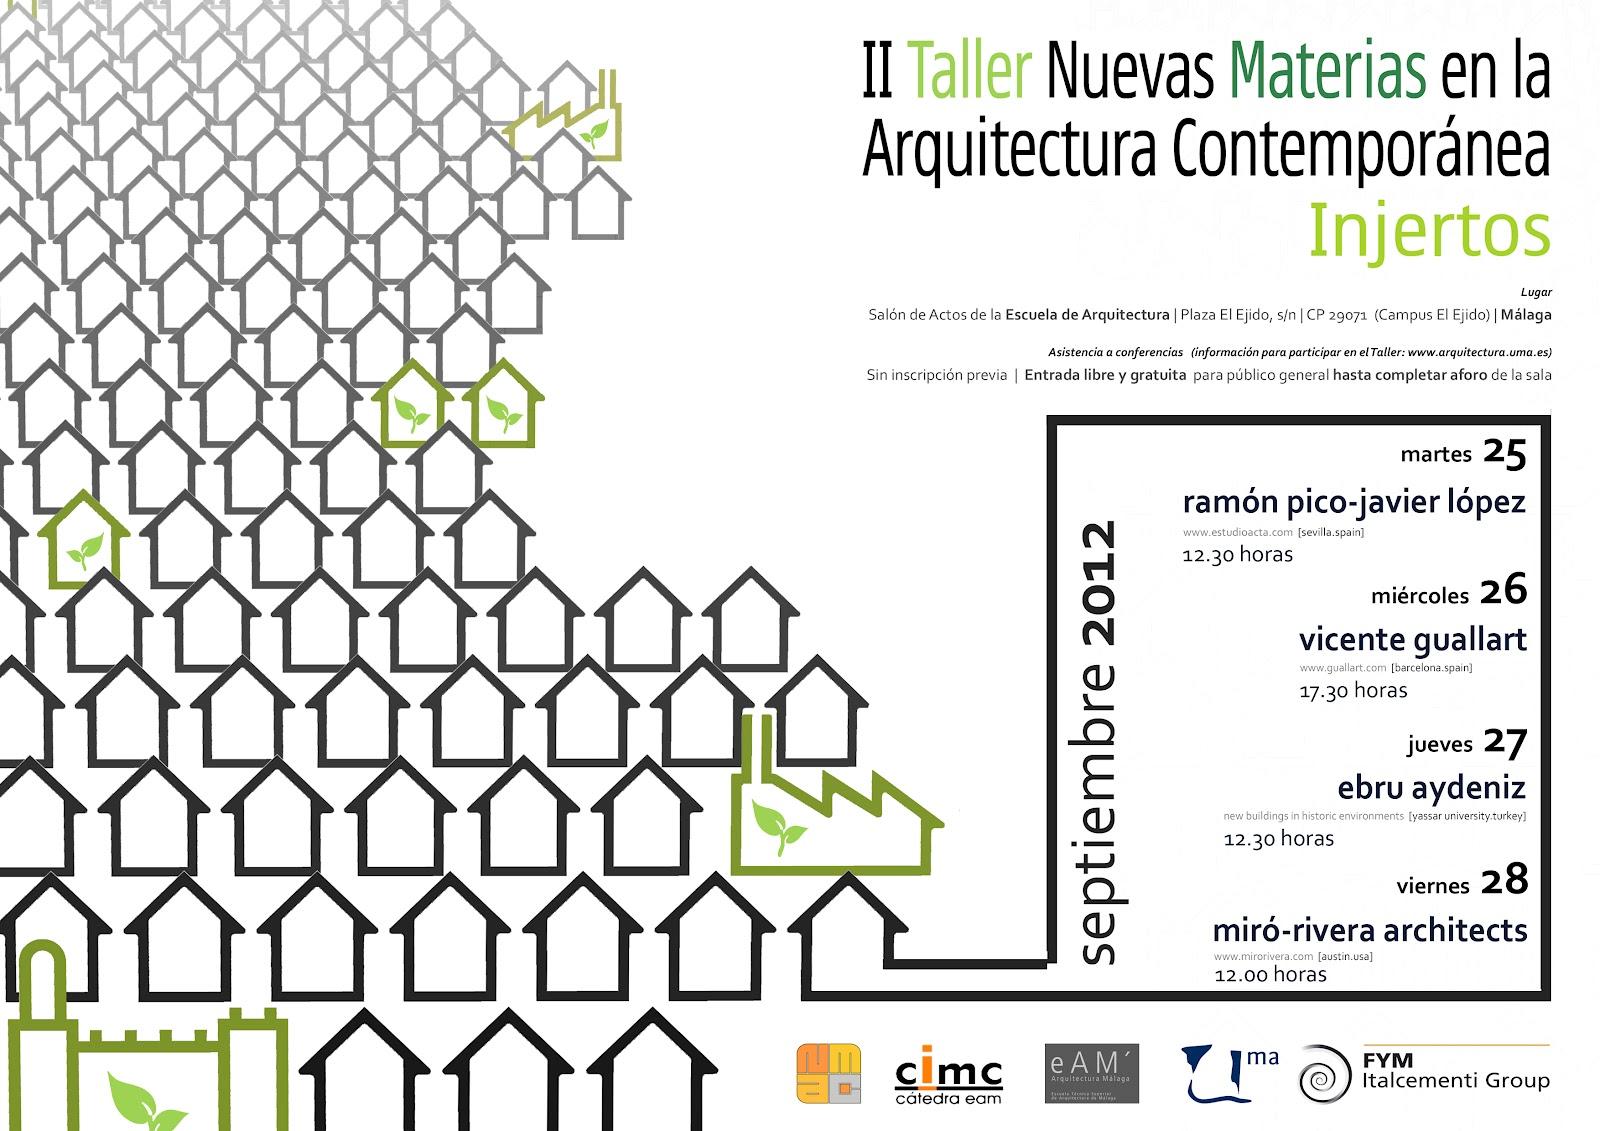 Gij n arquitectura blog ii talller nuevas materias en la for Arquitectura materias